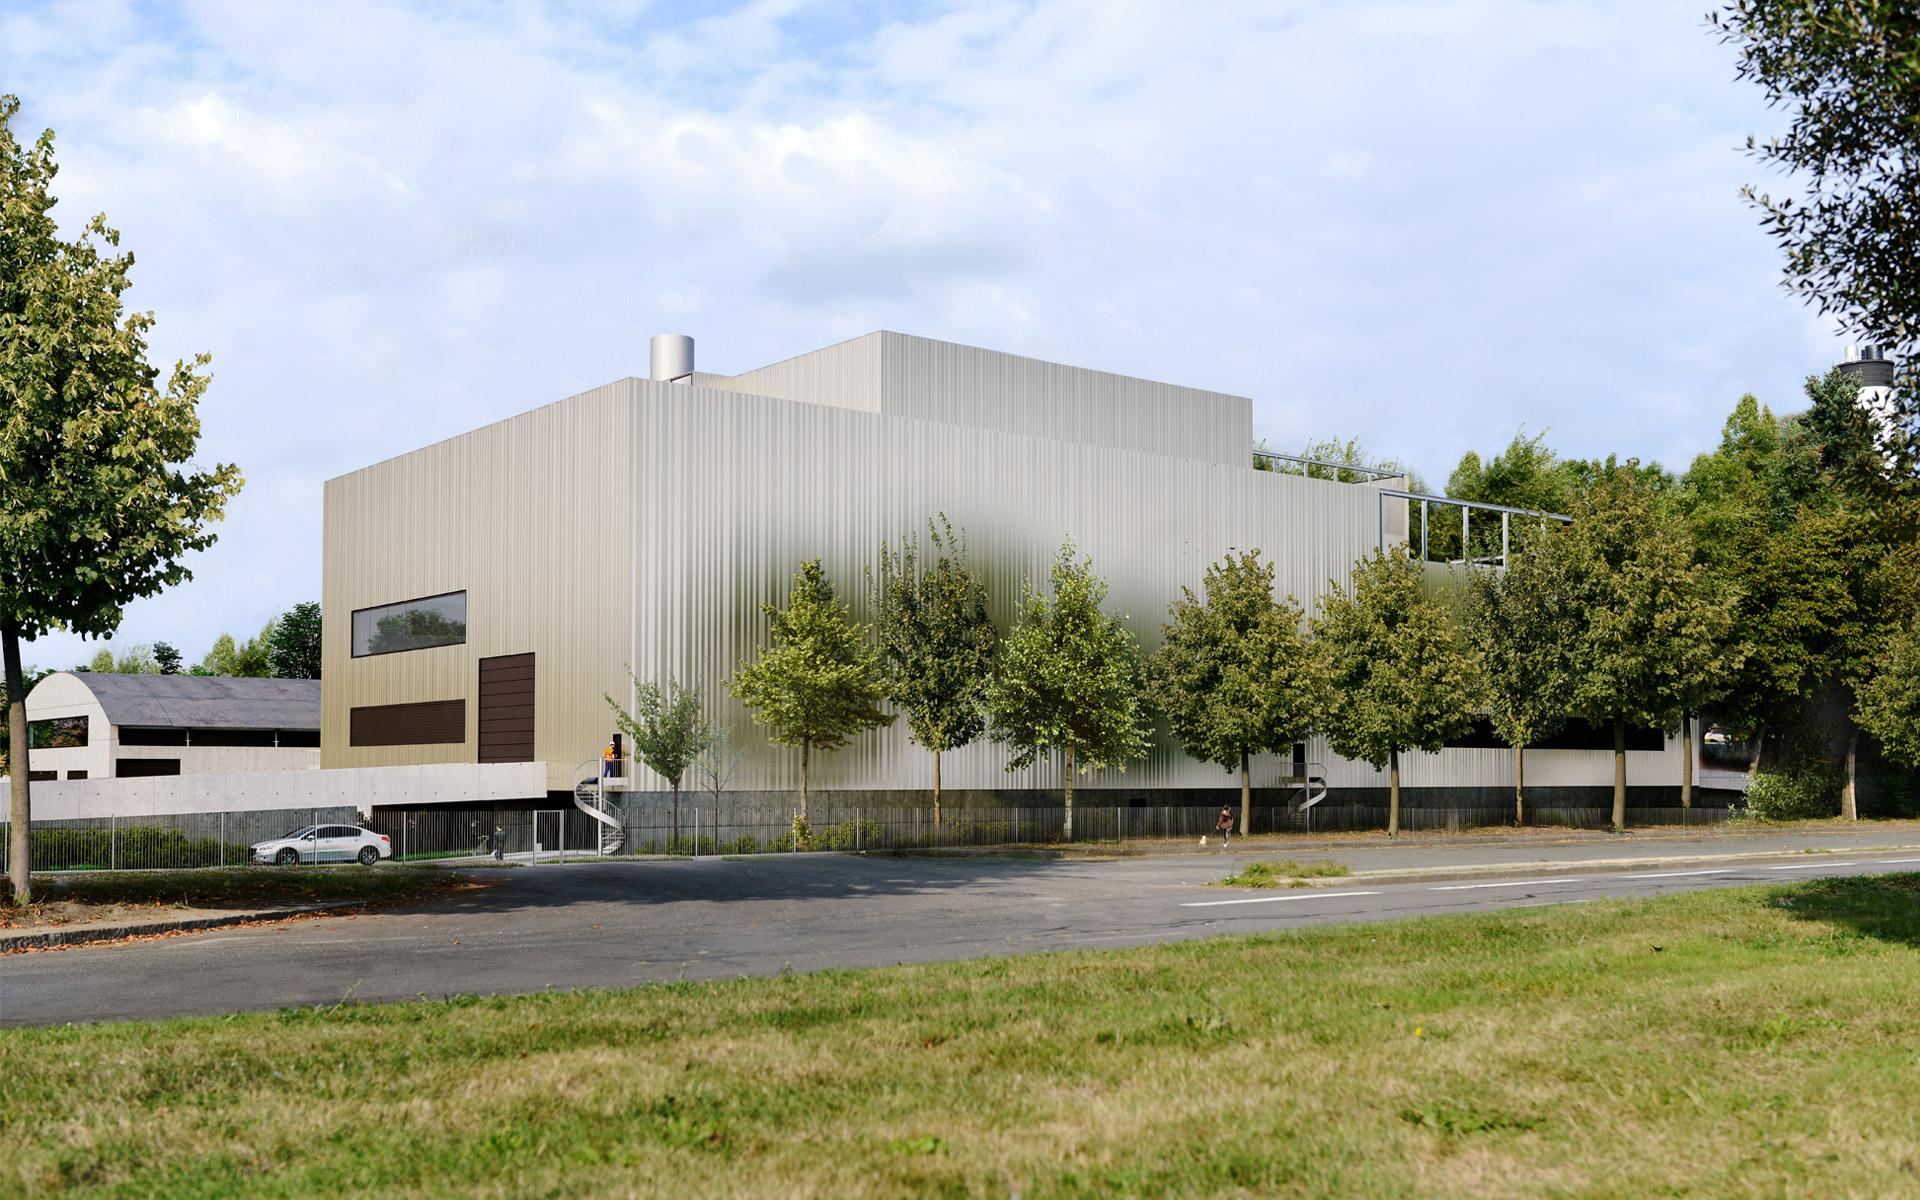 uve-02-rennes-architecture-bretagne-paumier-architectes-1920×1200